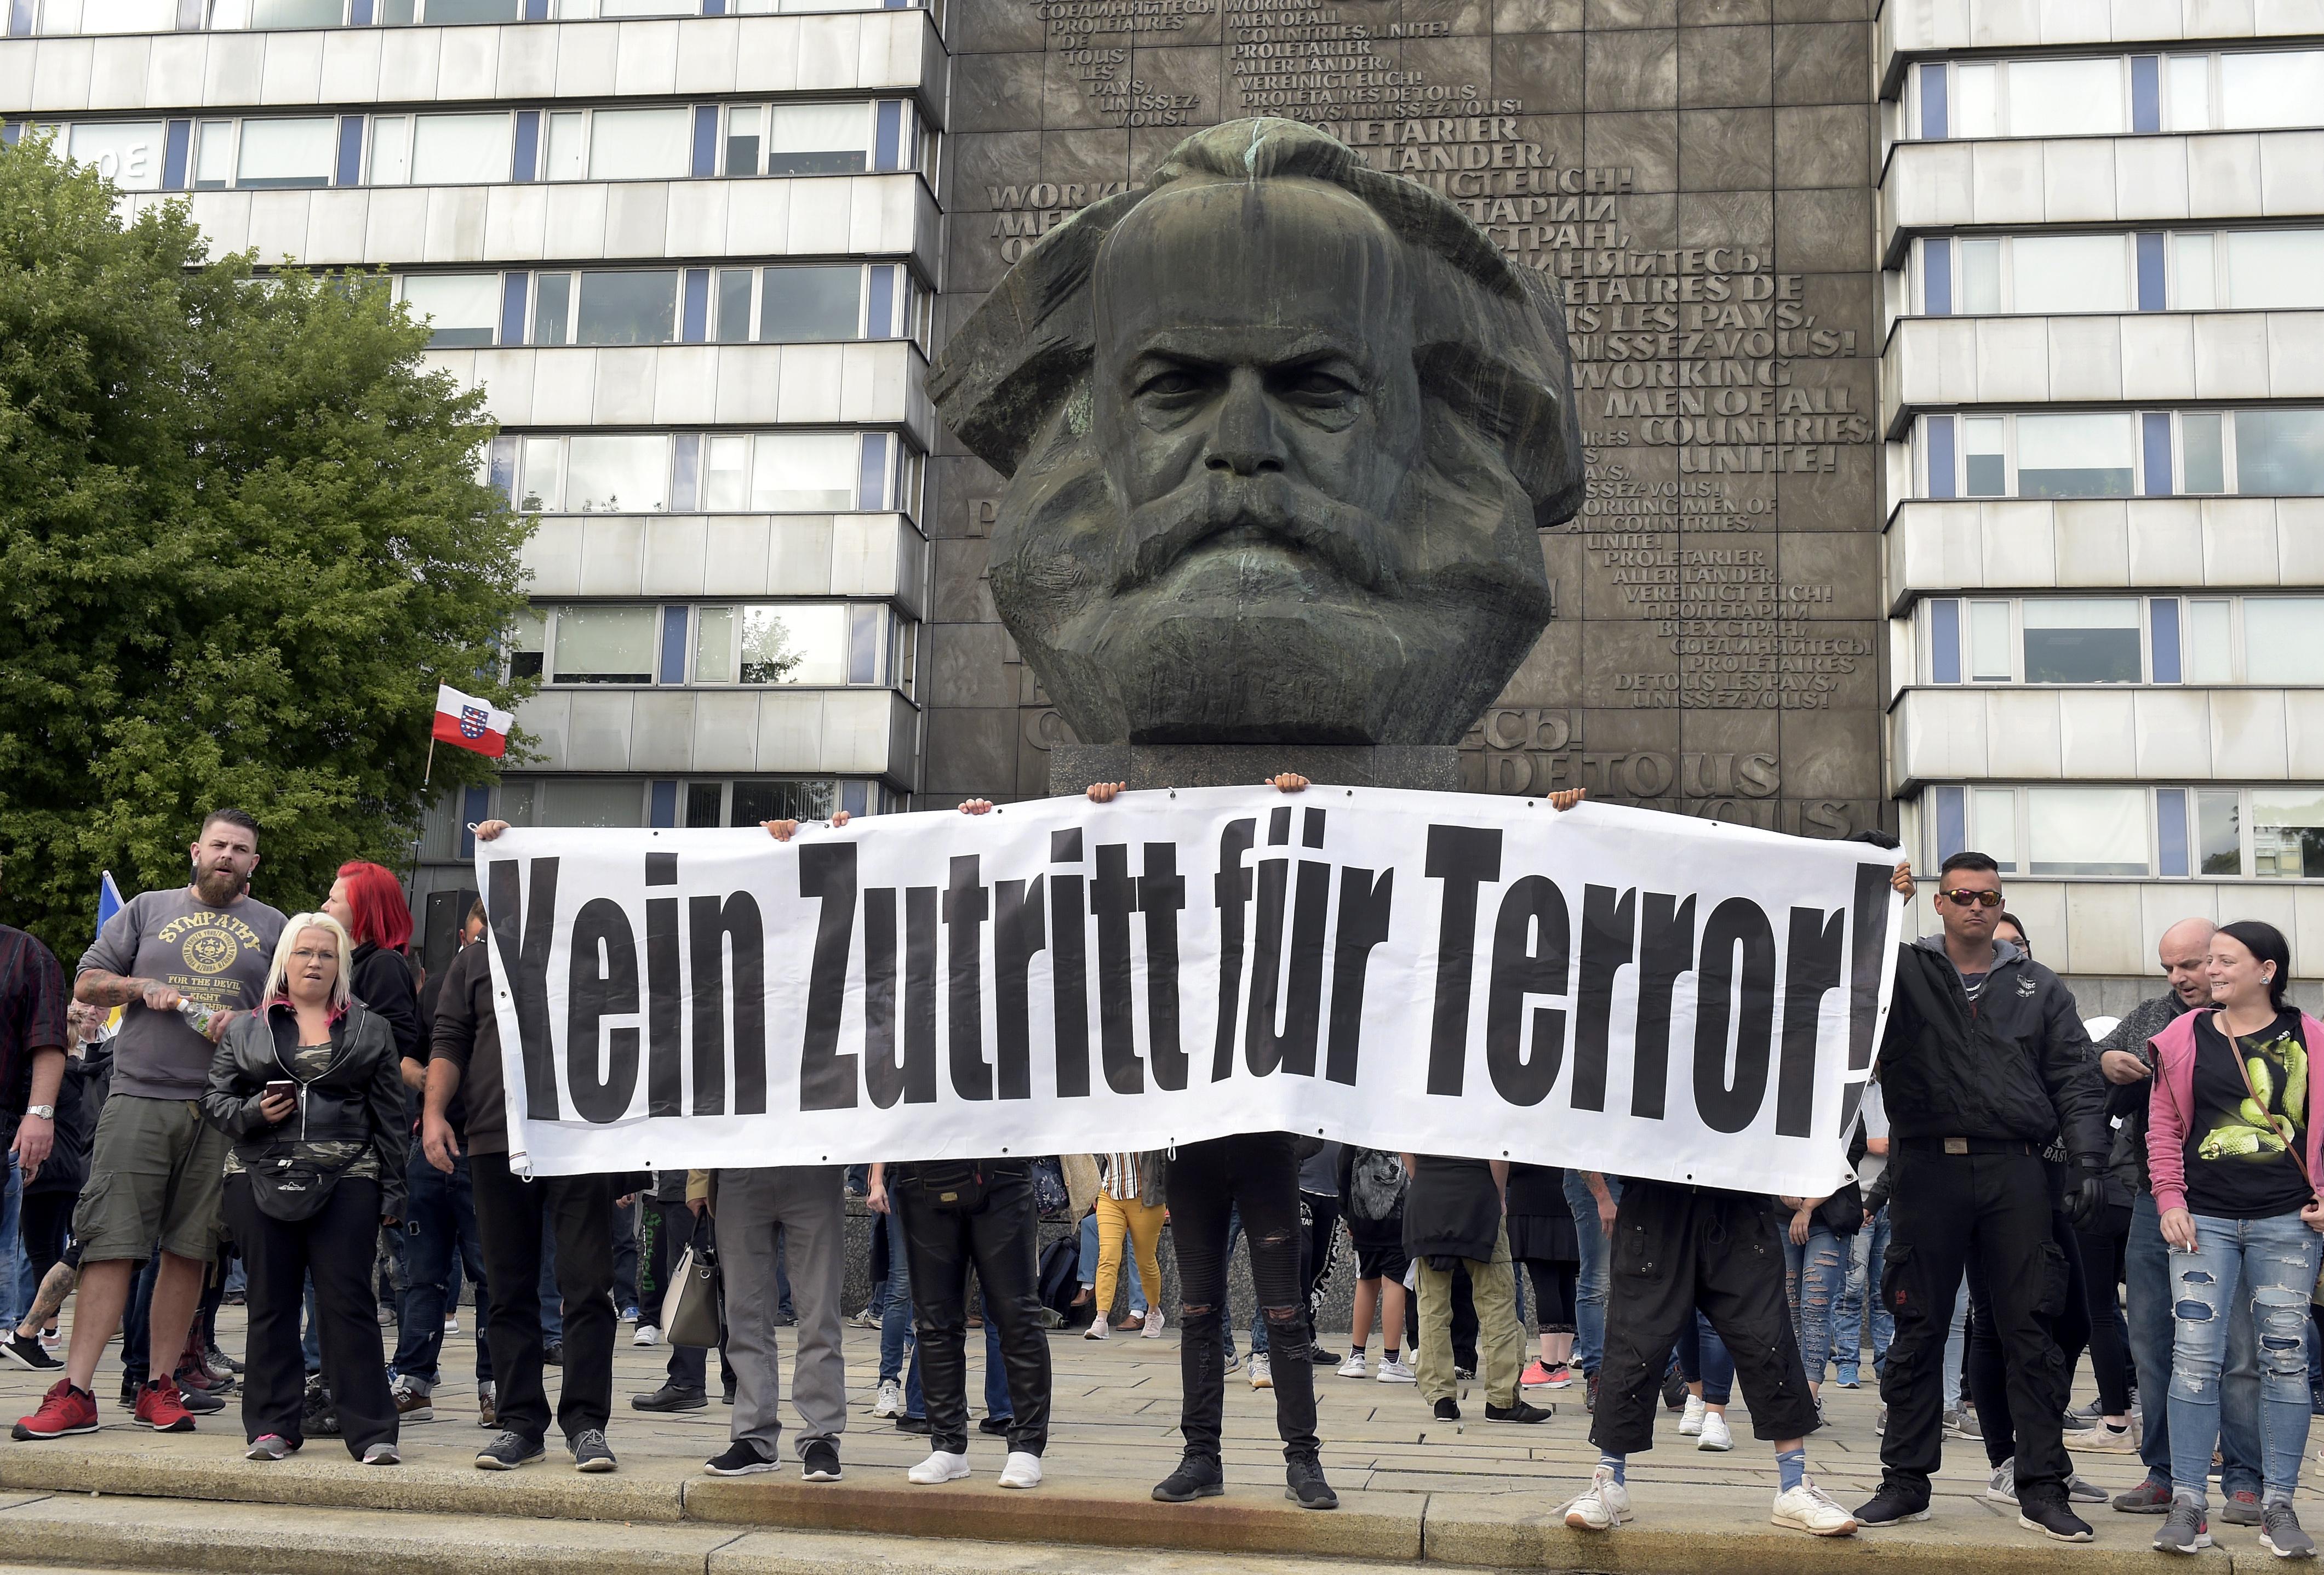 """Las protestas en Chemnitzse desataron tras la muerte de un hombre en un episodio que aún está siendo investigado.""""Ningún lugar para el terror"""" se lee en el cartel. (AP Photo/Jens Meyer)"""